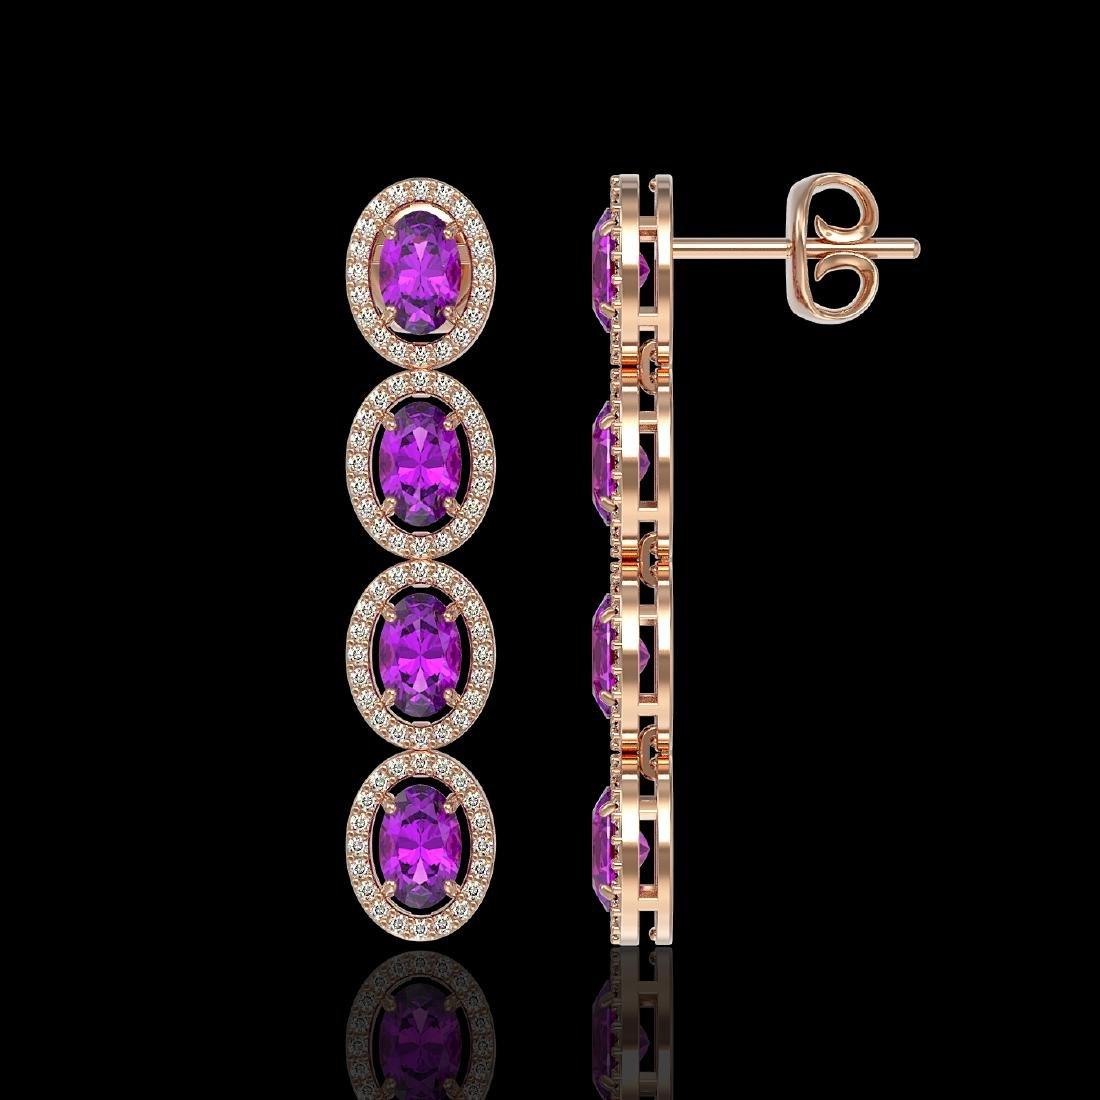 5.56 CTW Amethyst & Diamond Halo Earrings 10K Rose Gold - 2